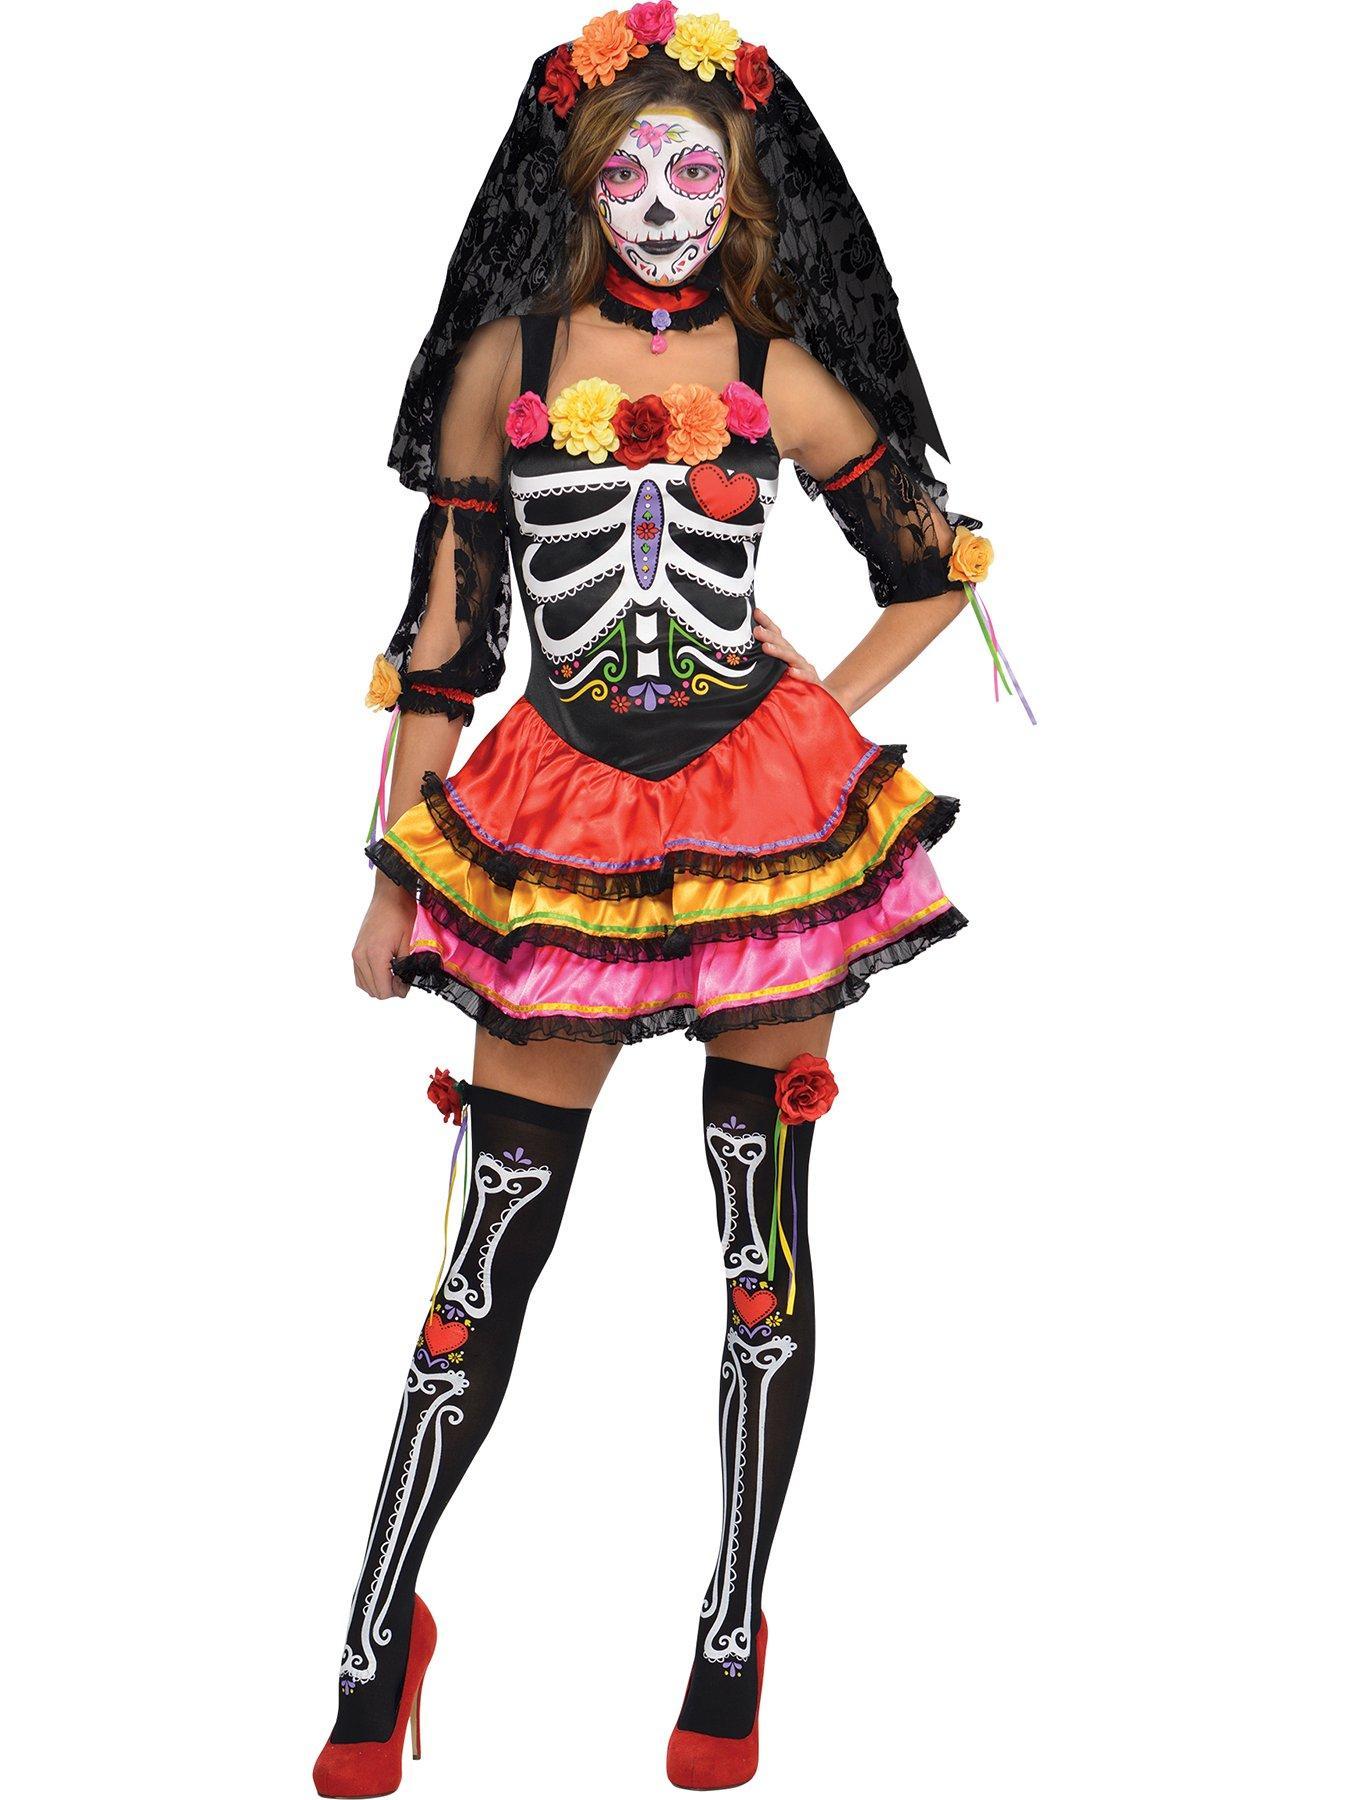 Fever Tutu skeleton fancy dress costume womens Halloween 4 6 8 10 16 18